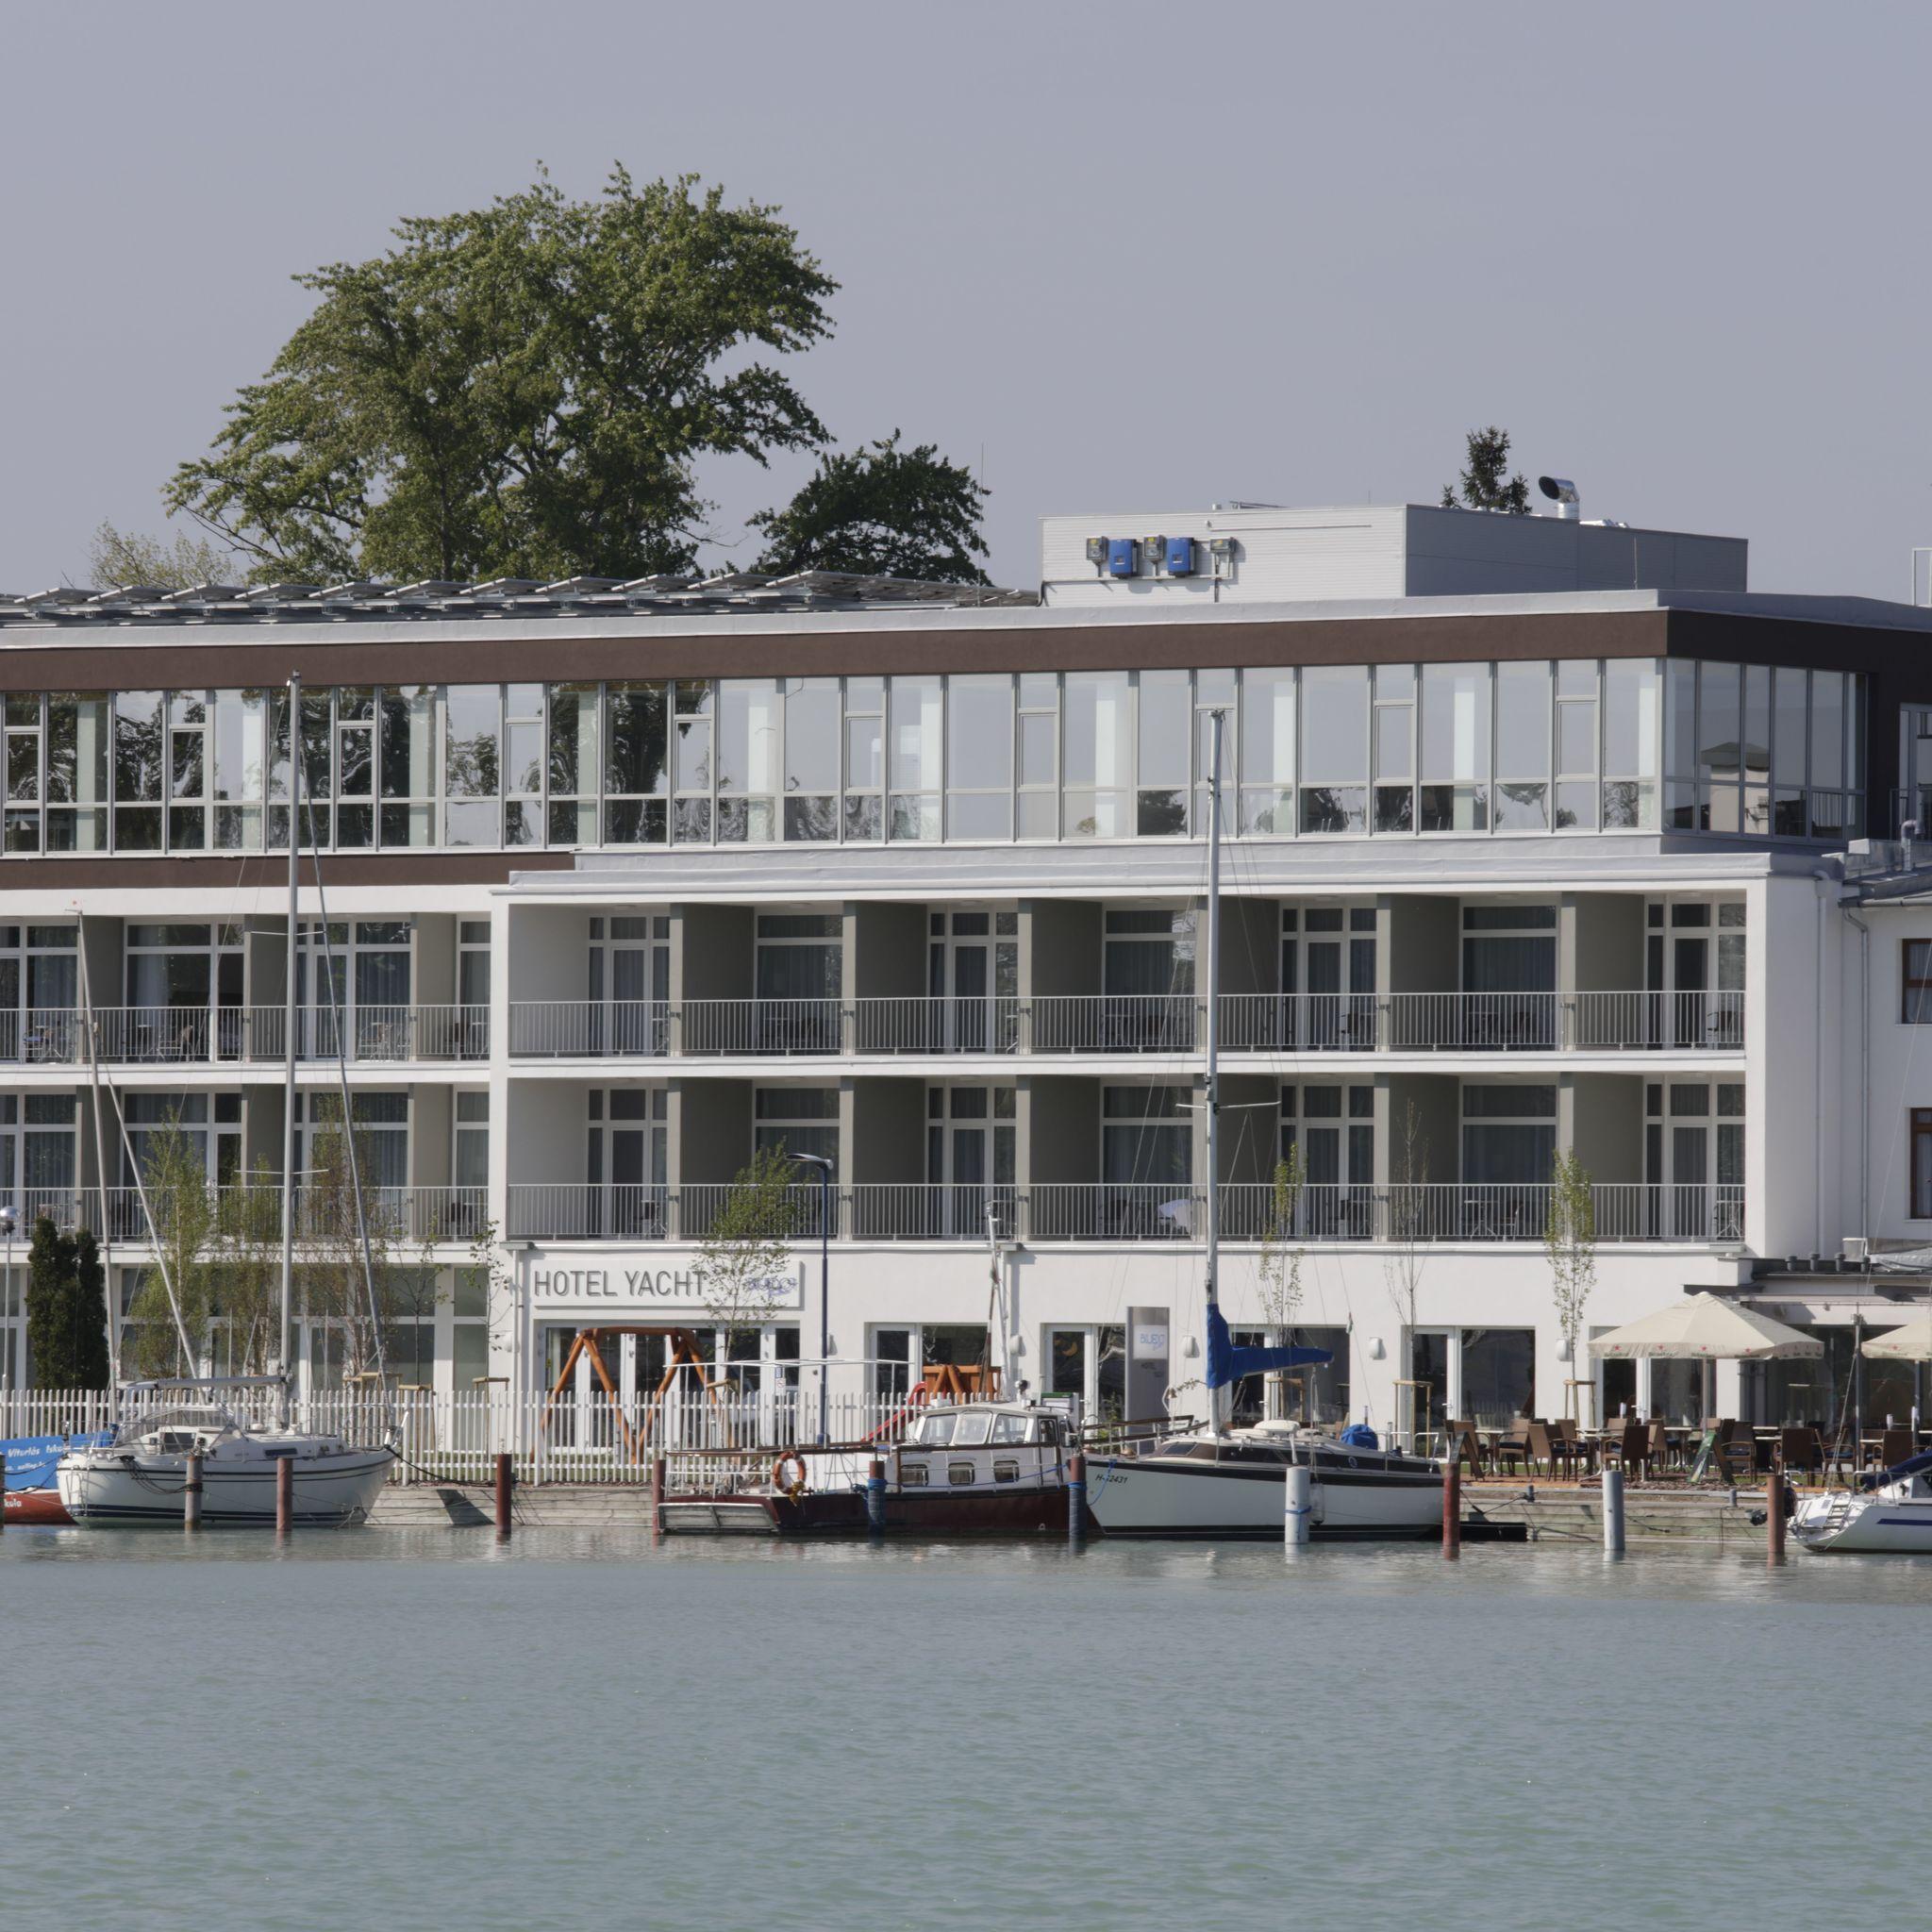 Hotel Yacht Wellness & Business Siófok - Szálloda a mólóról